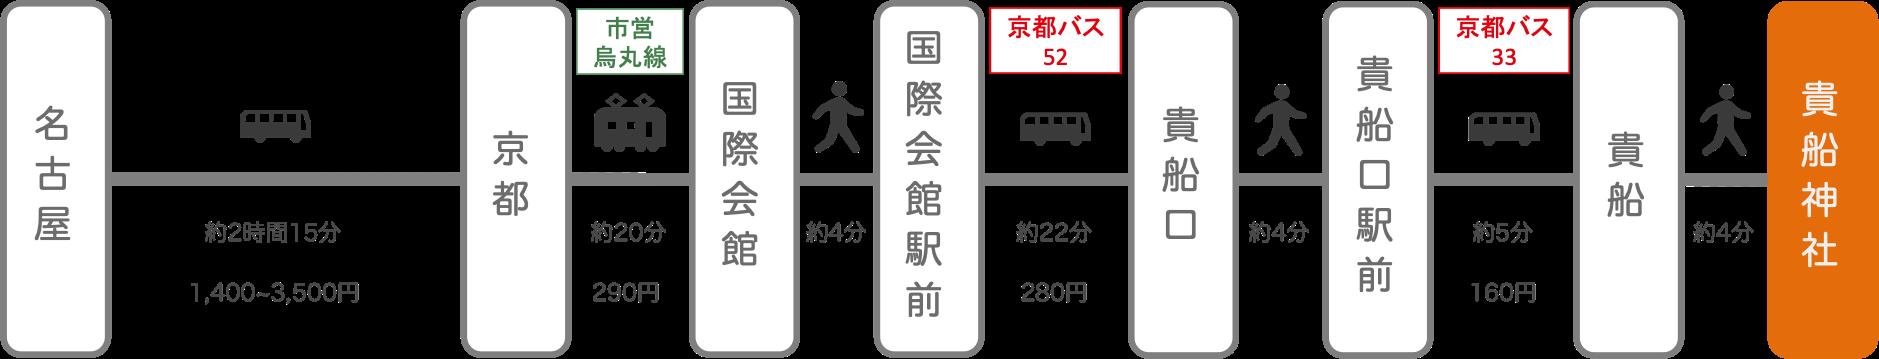 貴船神社_名古屋(愛知)_高速バス